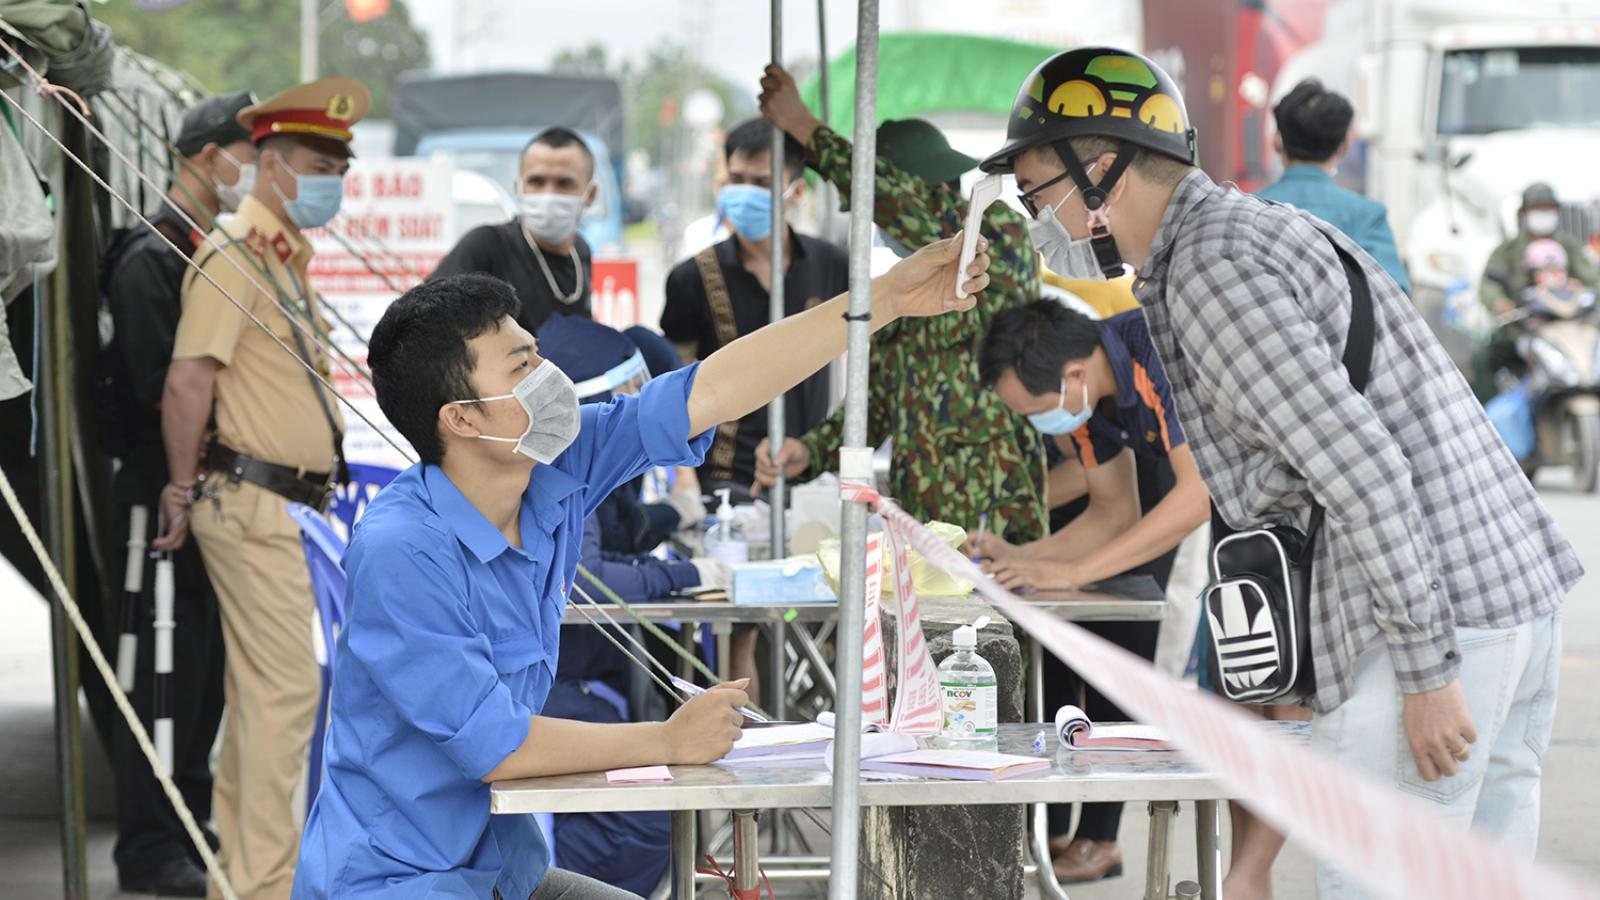 Tài xế xe hàng vào Quảng Ninh phải có xét nghiệm SARS-COV-2 âm tính trong vòng 7 ngày